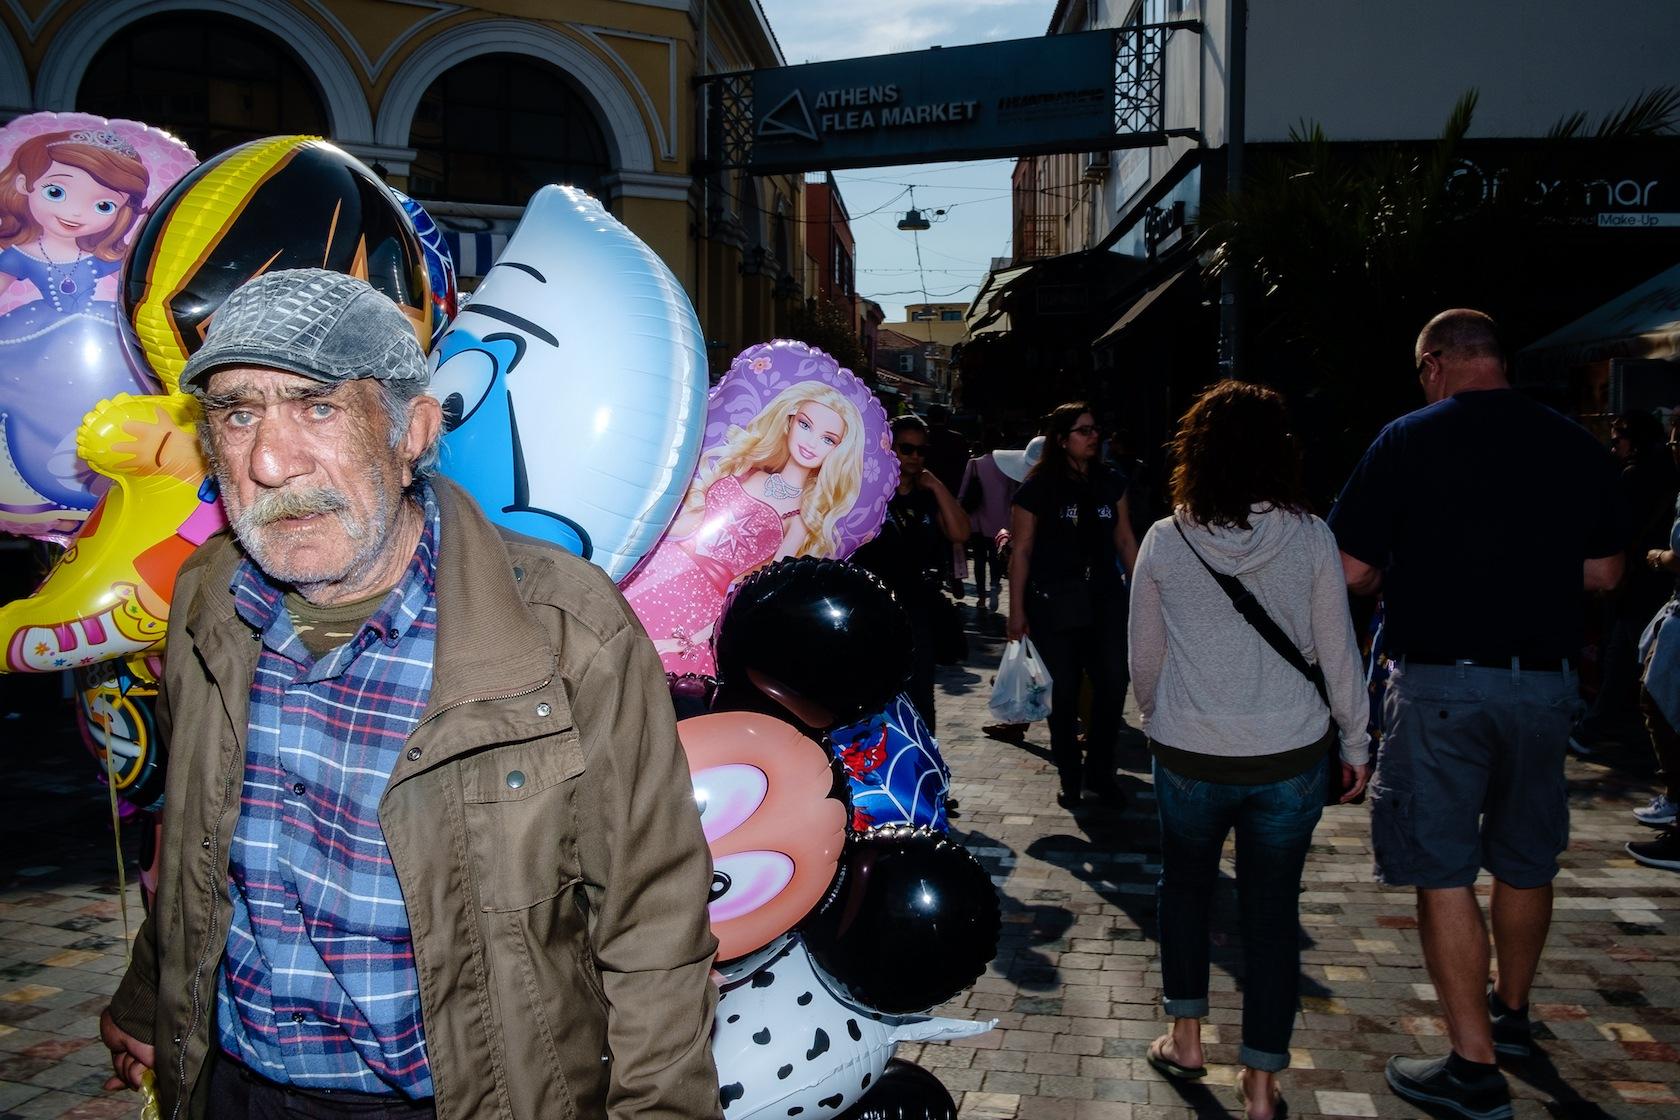 Athens Flea Market by Spyros Papaspyropoulos